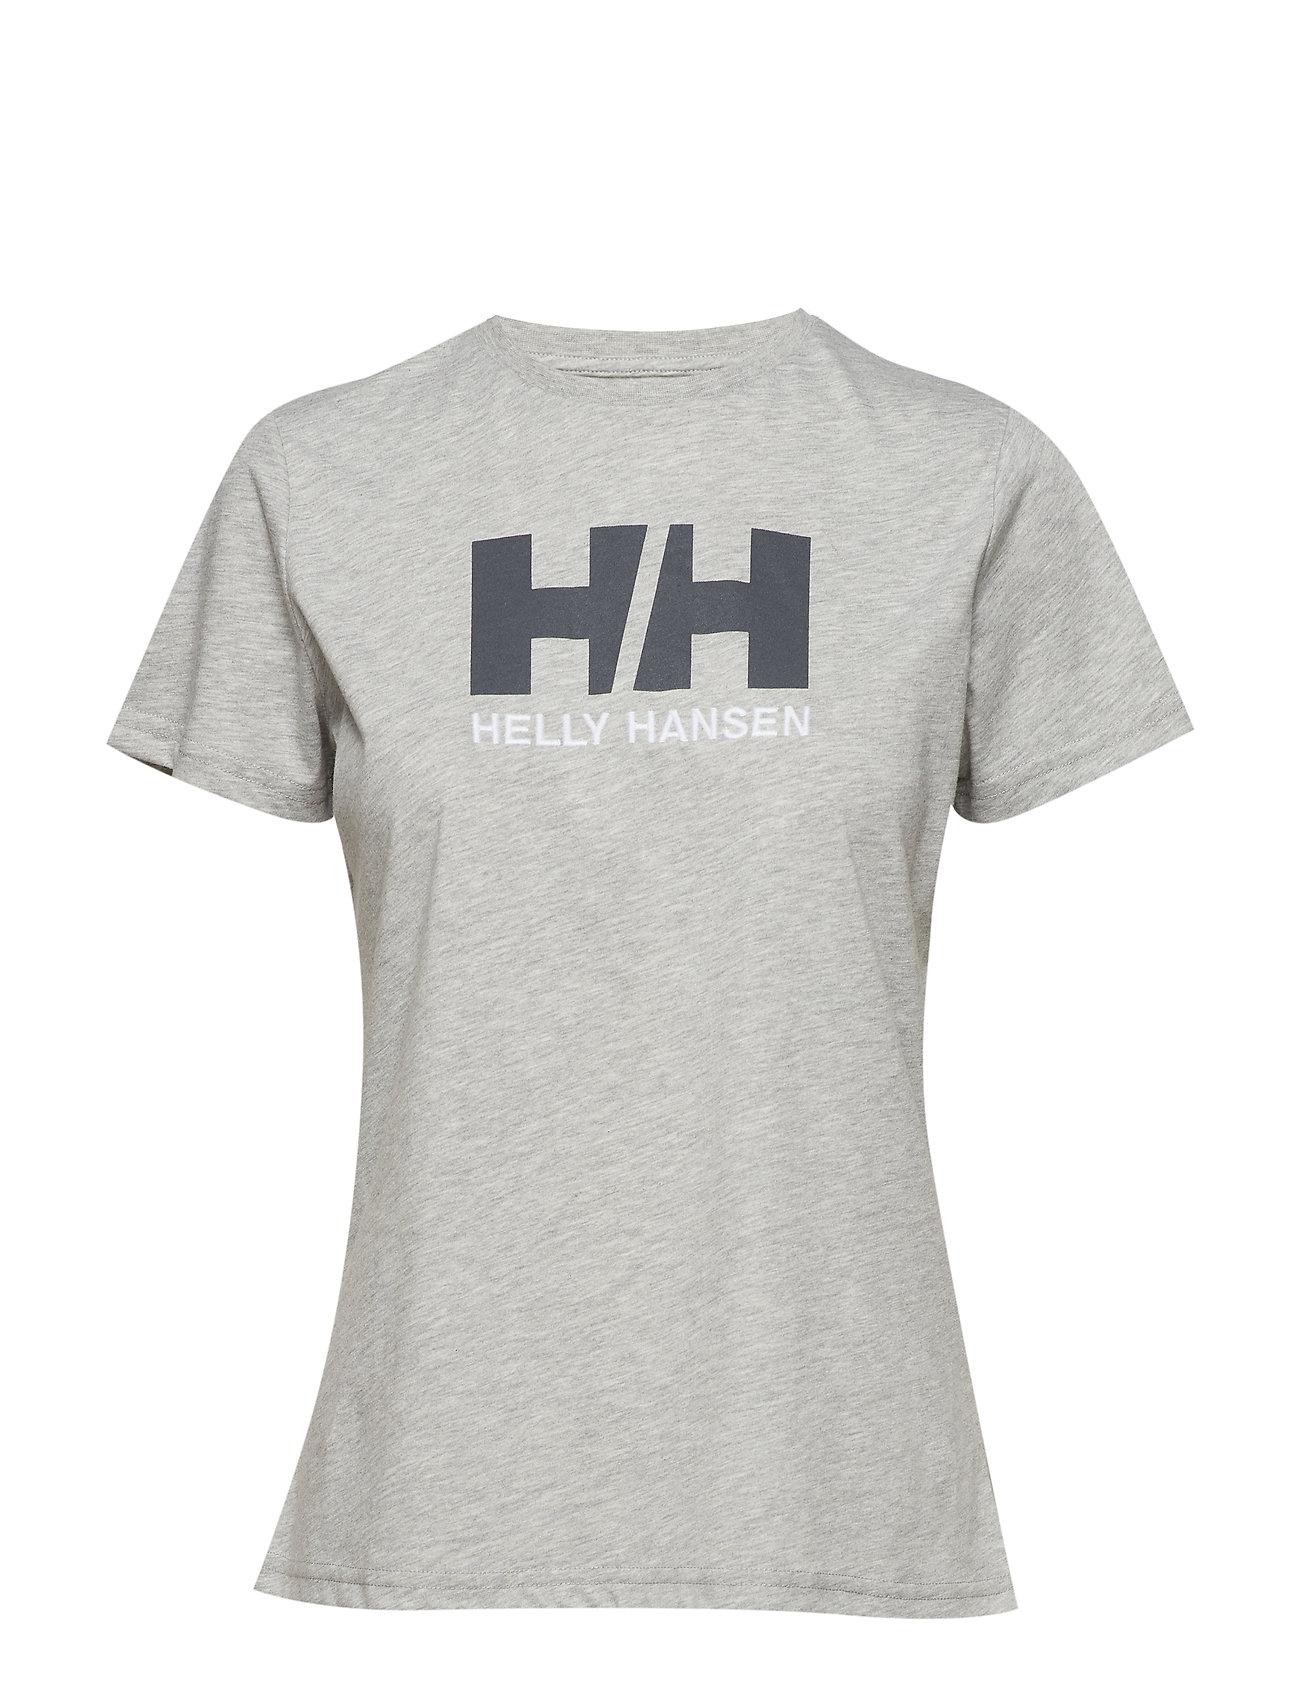 T Hansen Logo shirtgrey W MelangeHelly Hh D9YEe2IWH